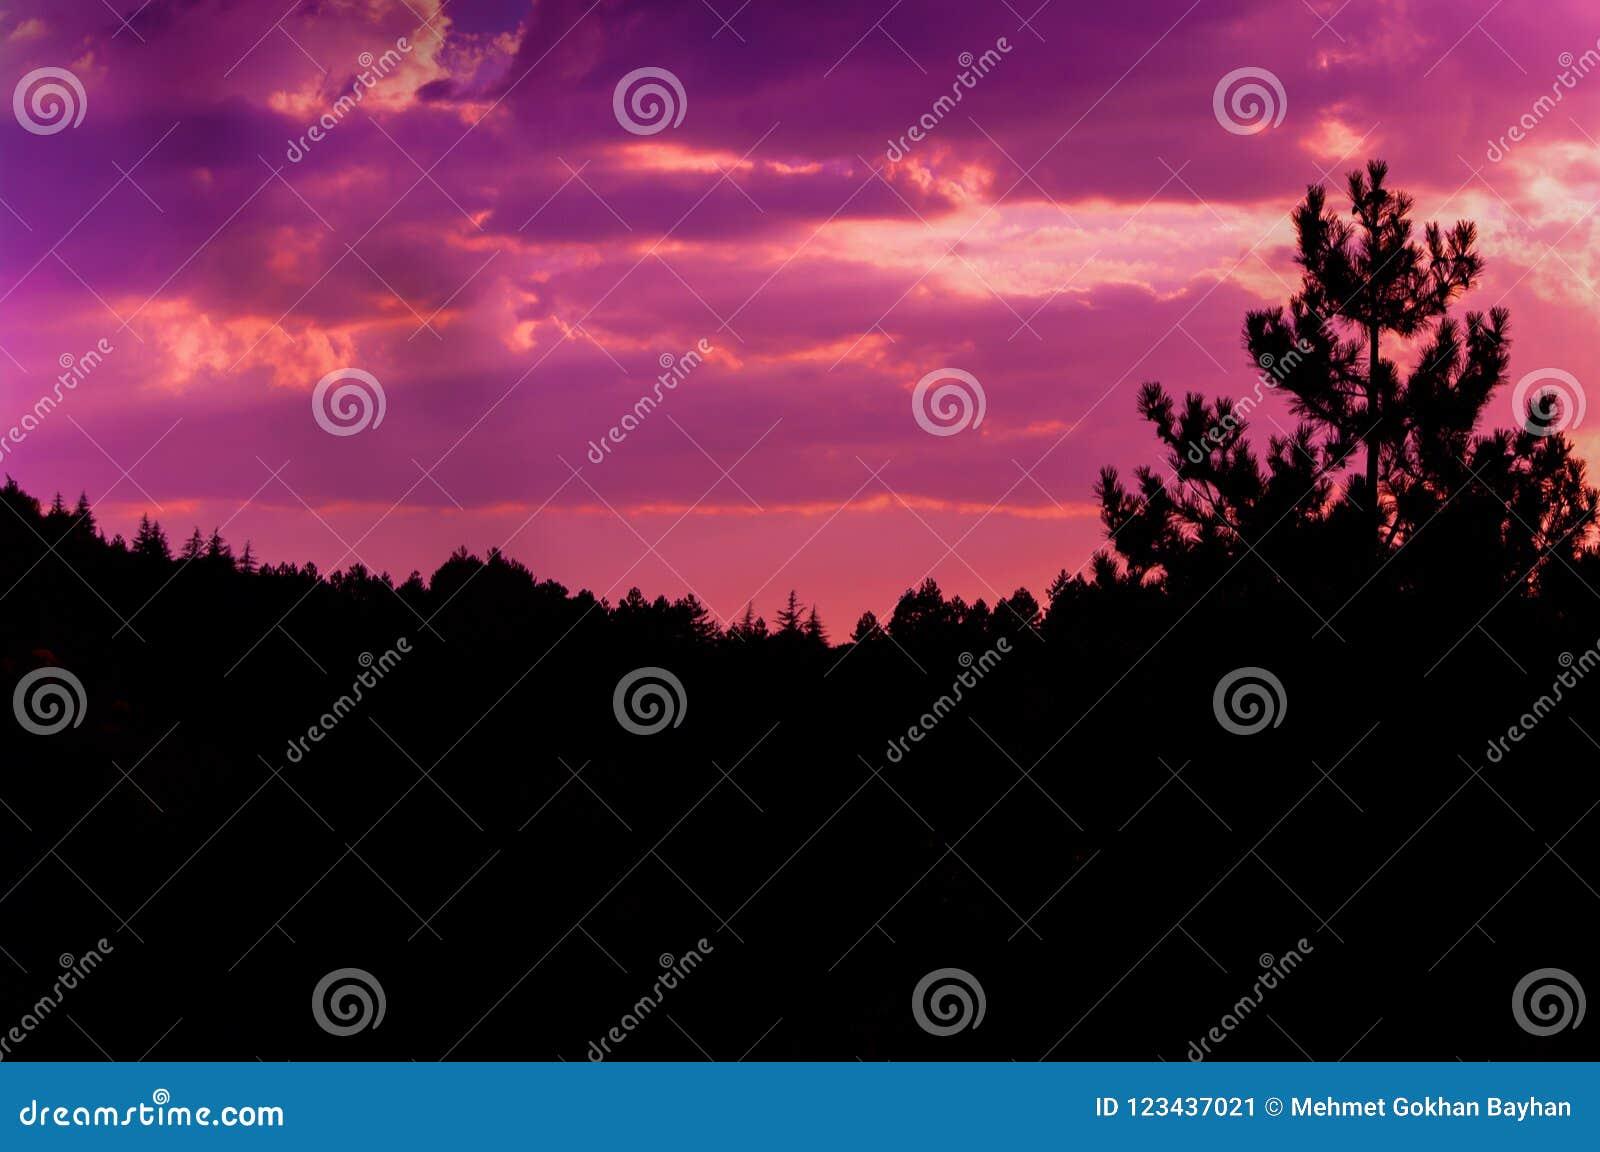 Ροζ ουρανός ηλιοβασιλέματος και φωτογραφία σύννεφων στο δάσος πεύκων